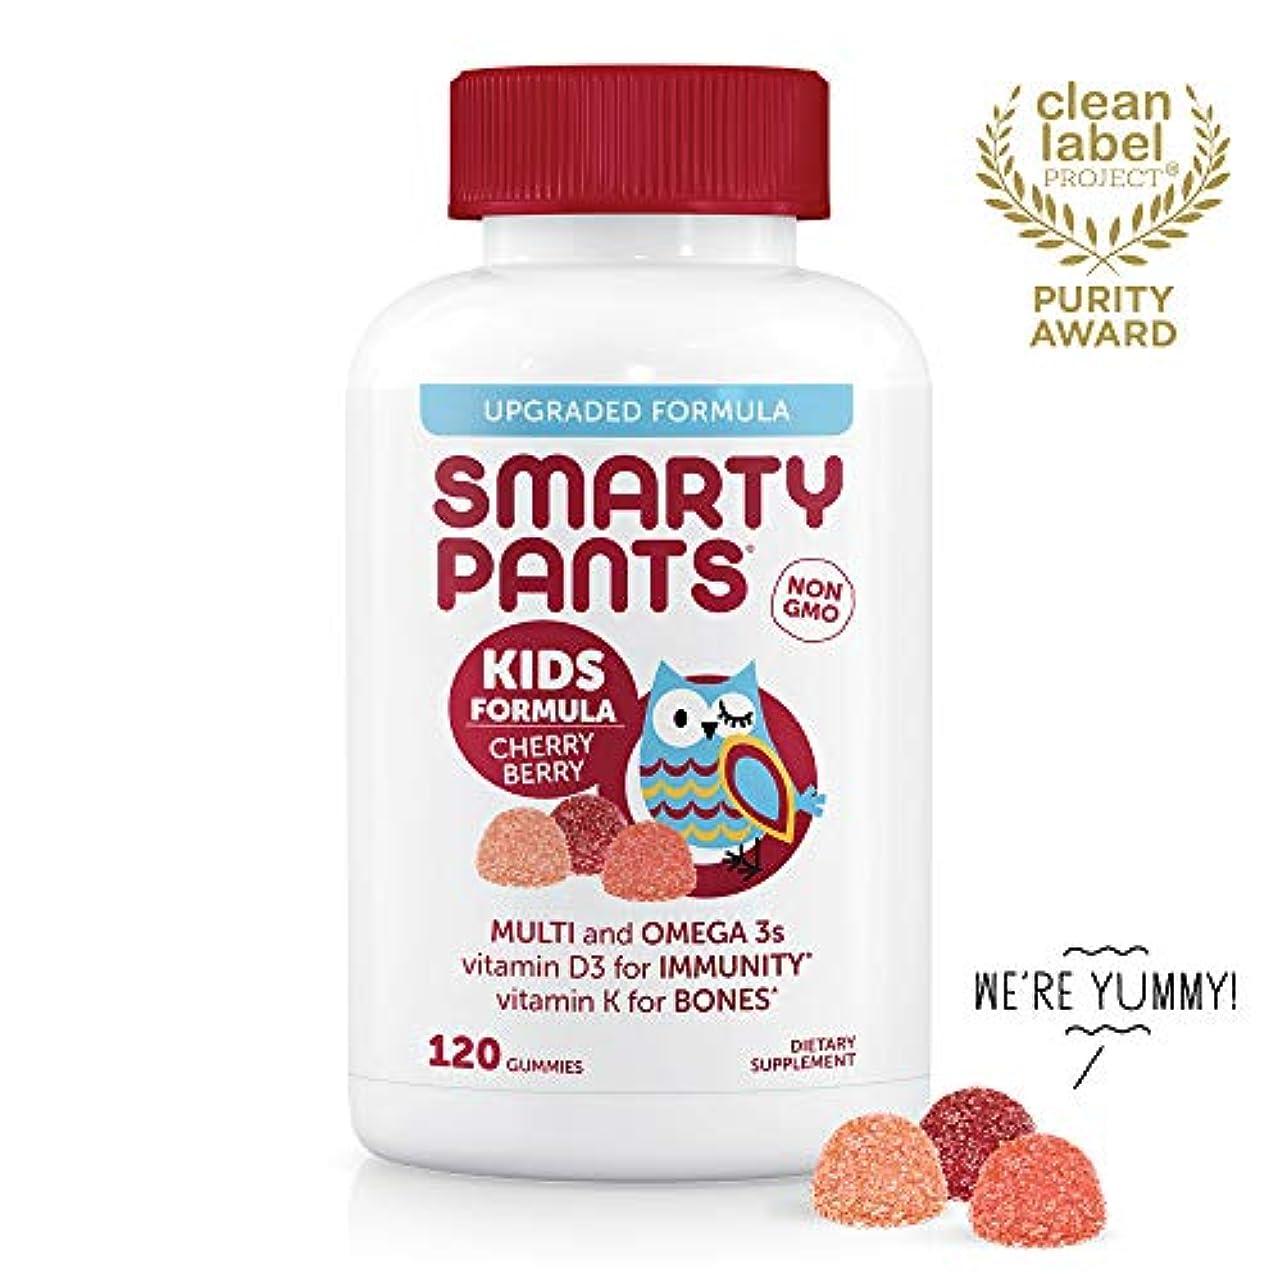 モディッシュ言い訳なぜならSmartyPants キッズコンプリート マルチビタミン オメガ3フィッシュオイル ビタミンD3とB12 チェリー?ベリー グミ120個